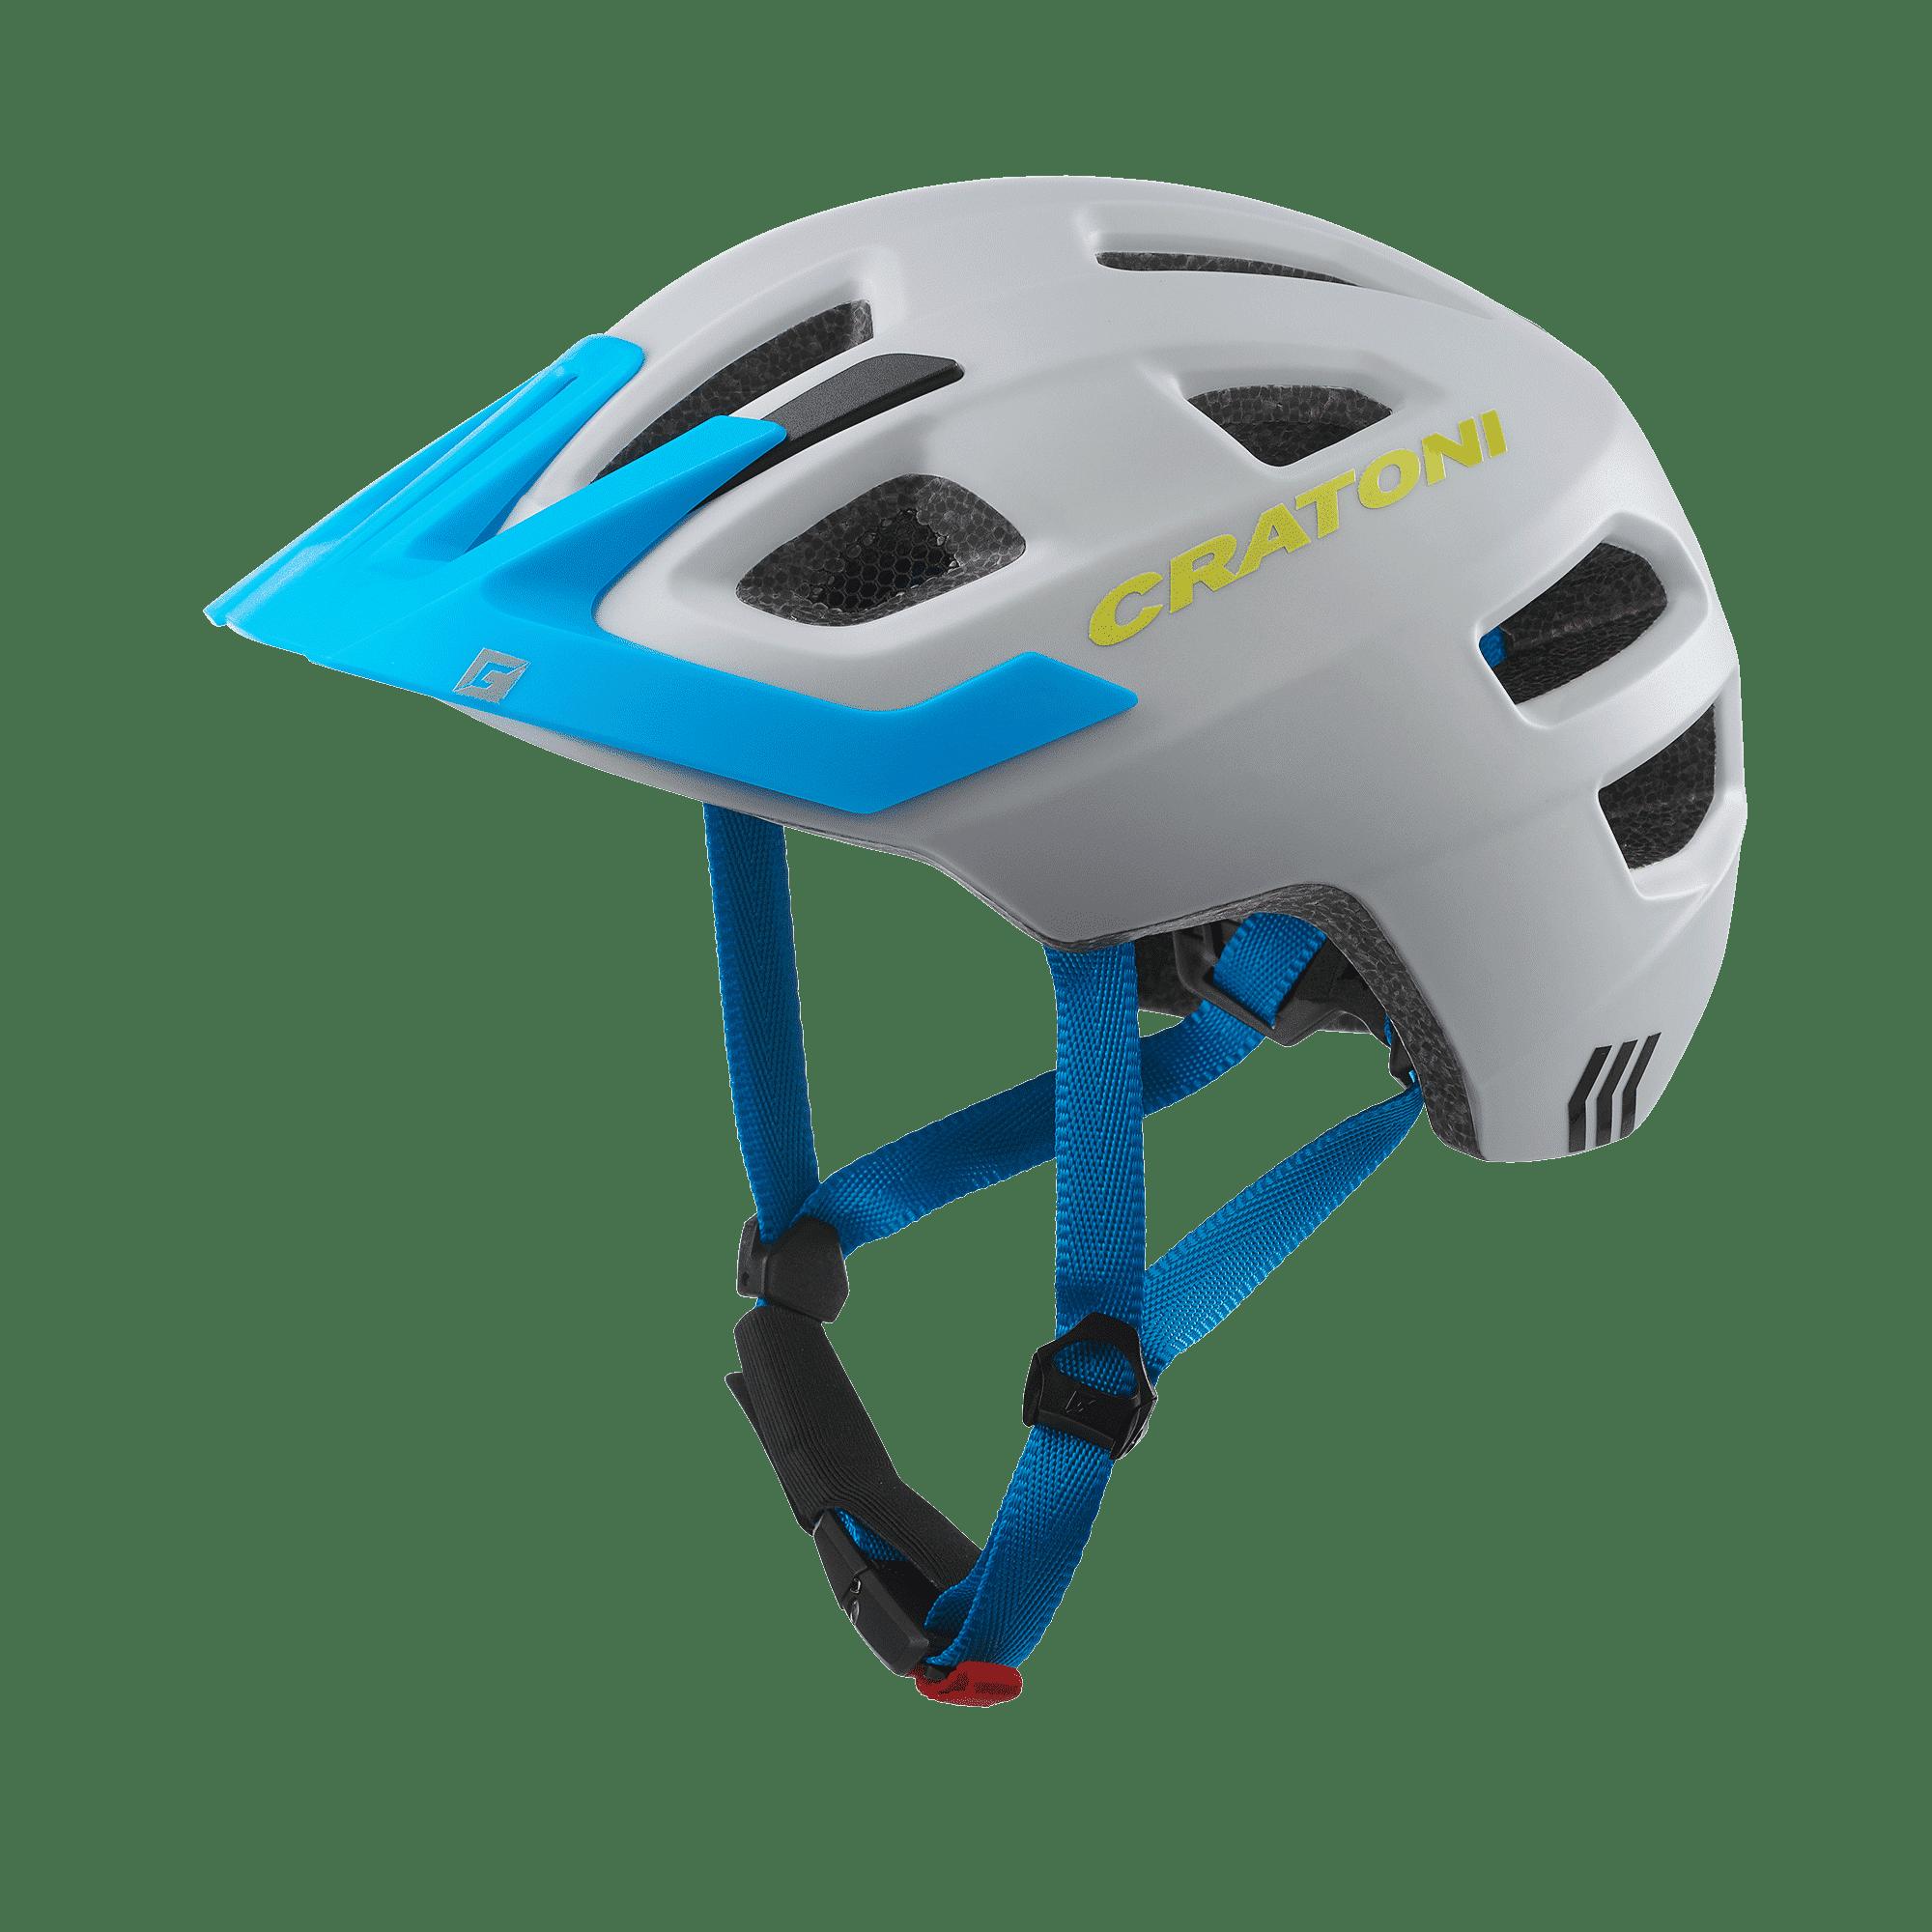 Maxster-Pro grey blue matt